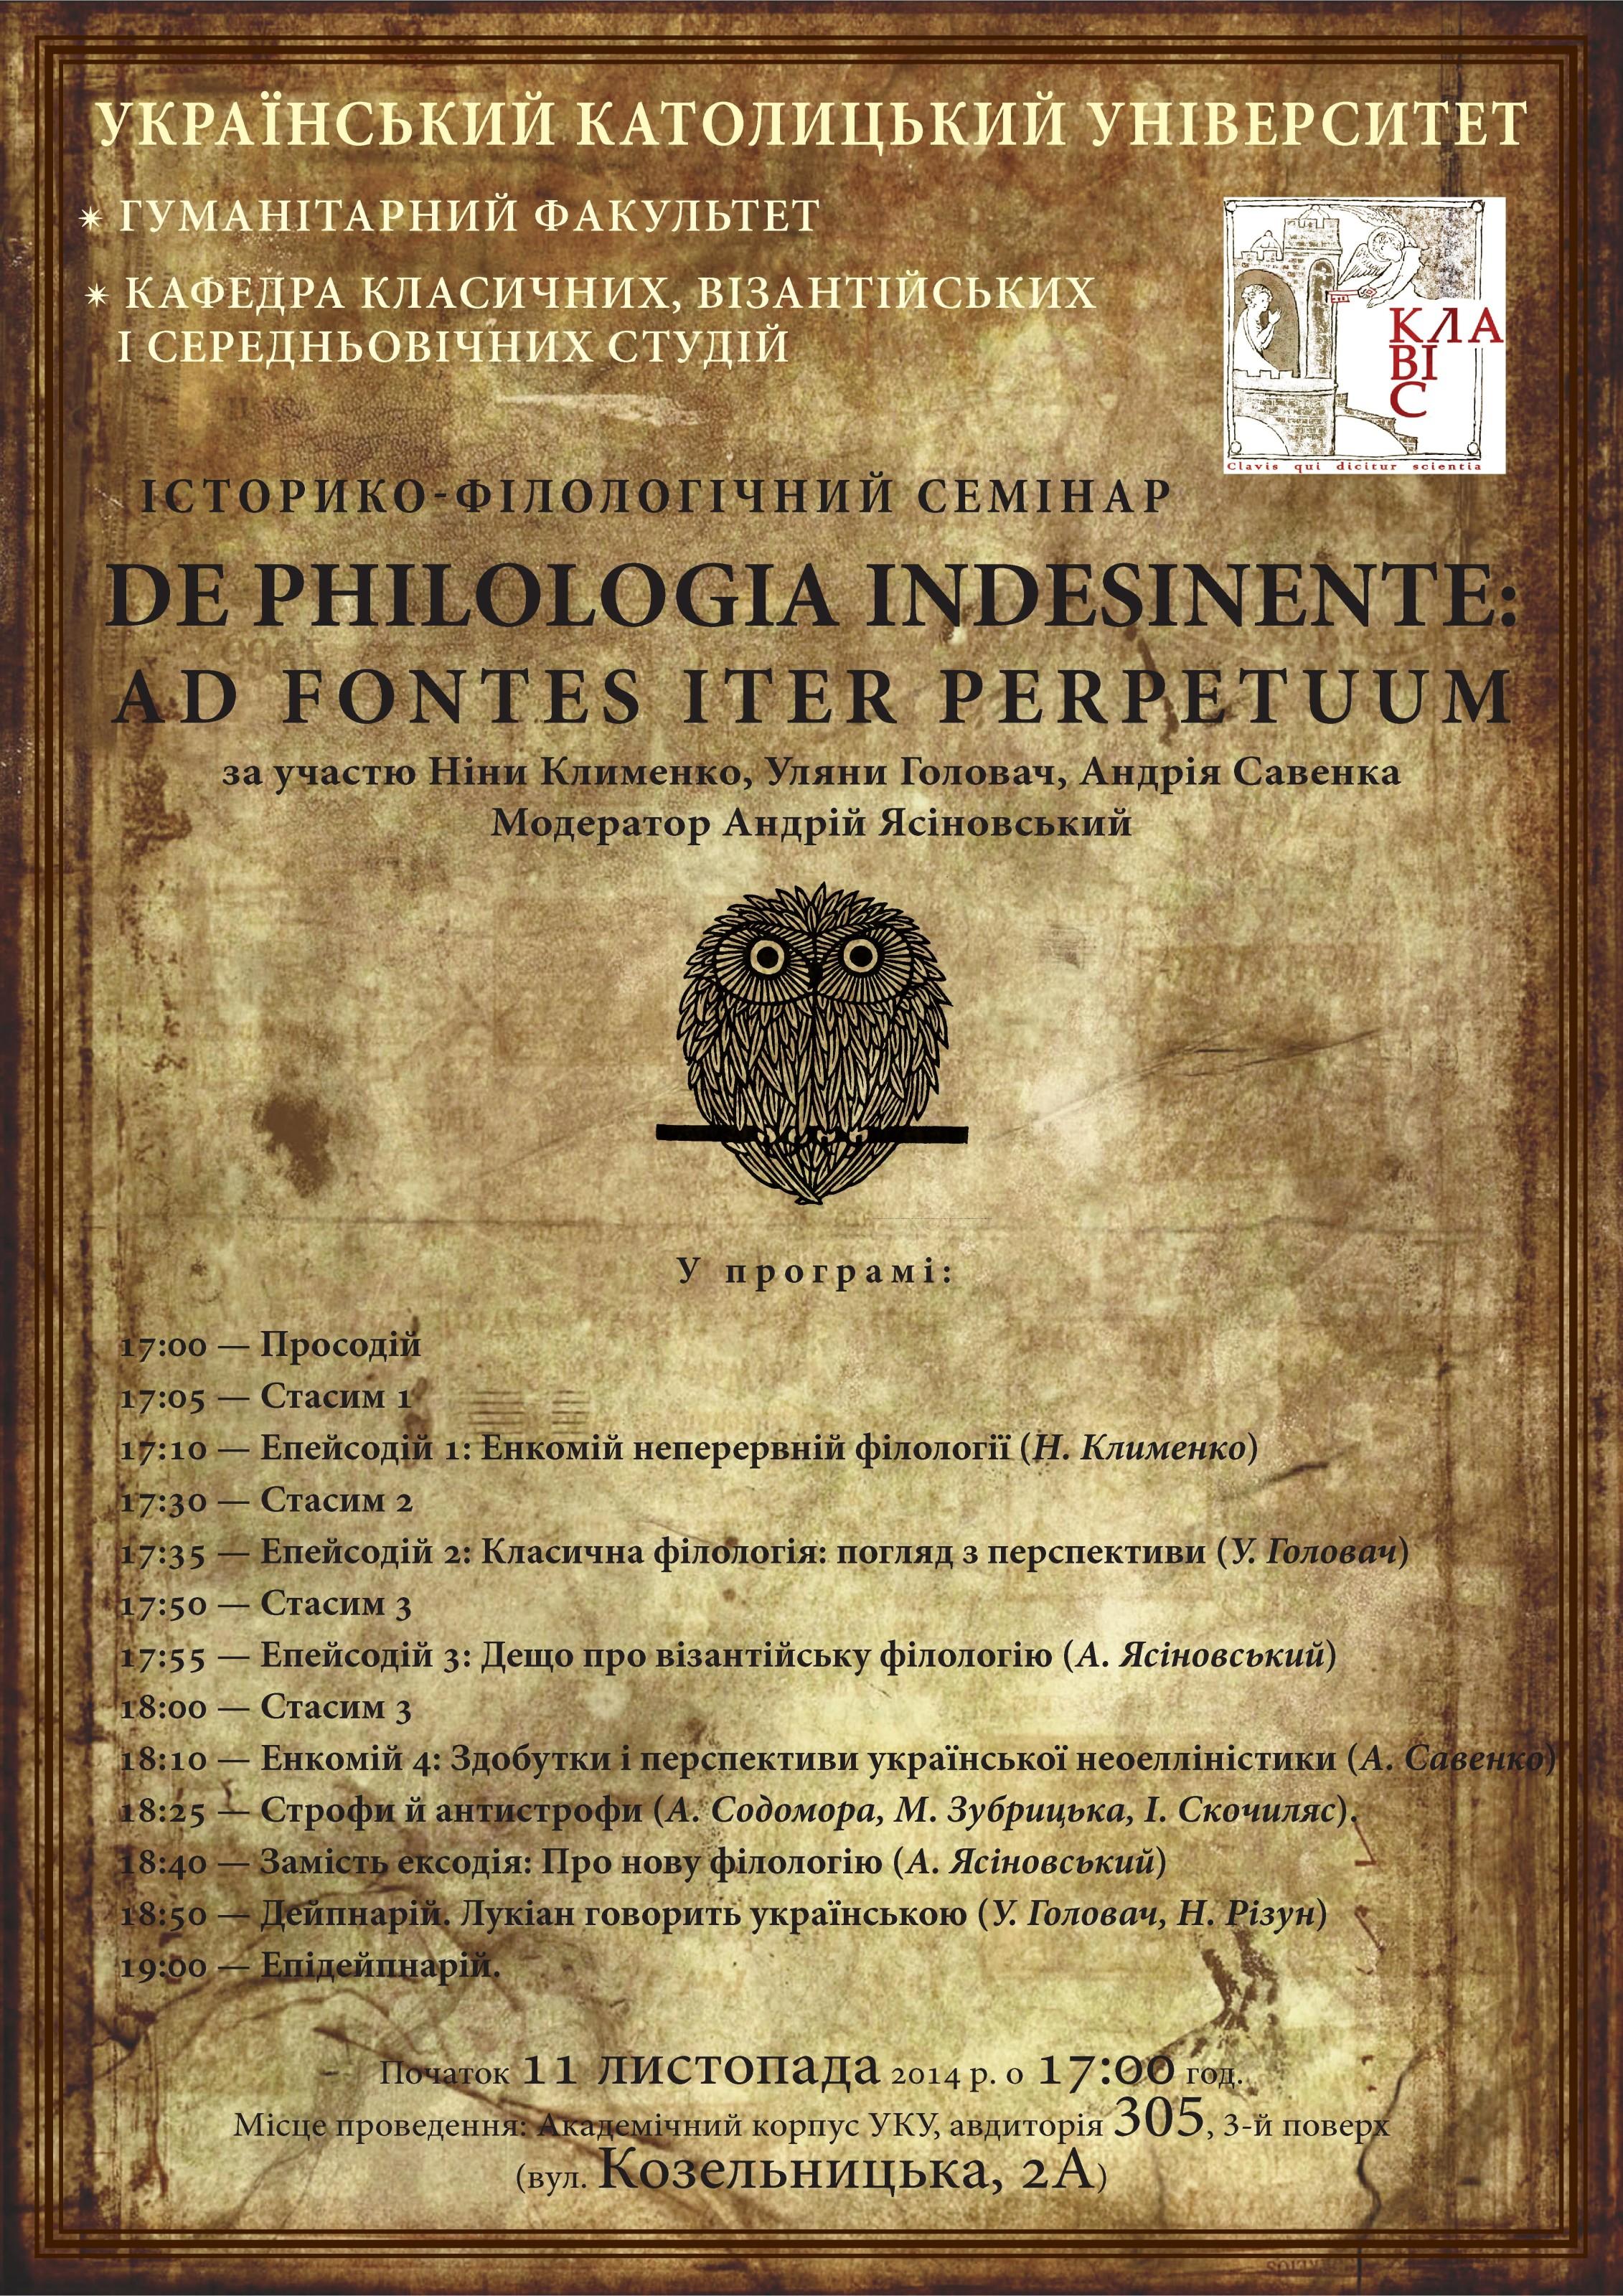 2014.11.11_історико-філологічний семінар